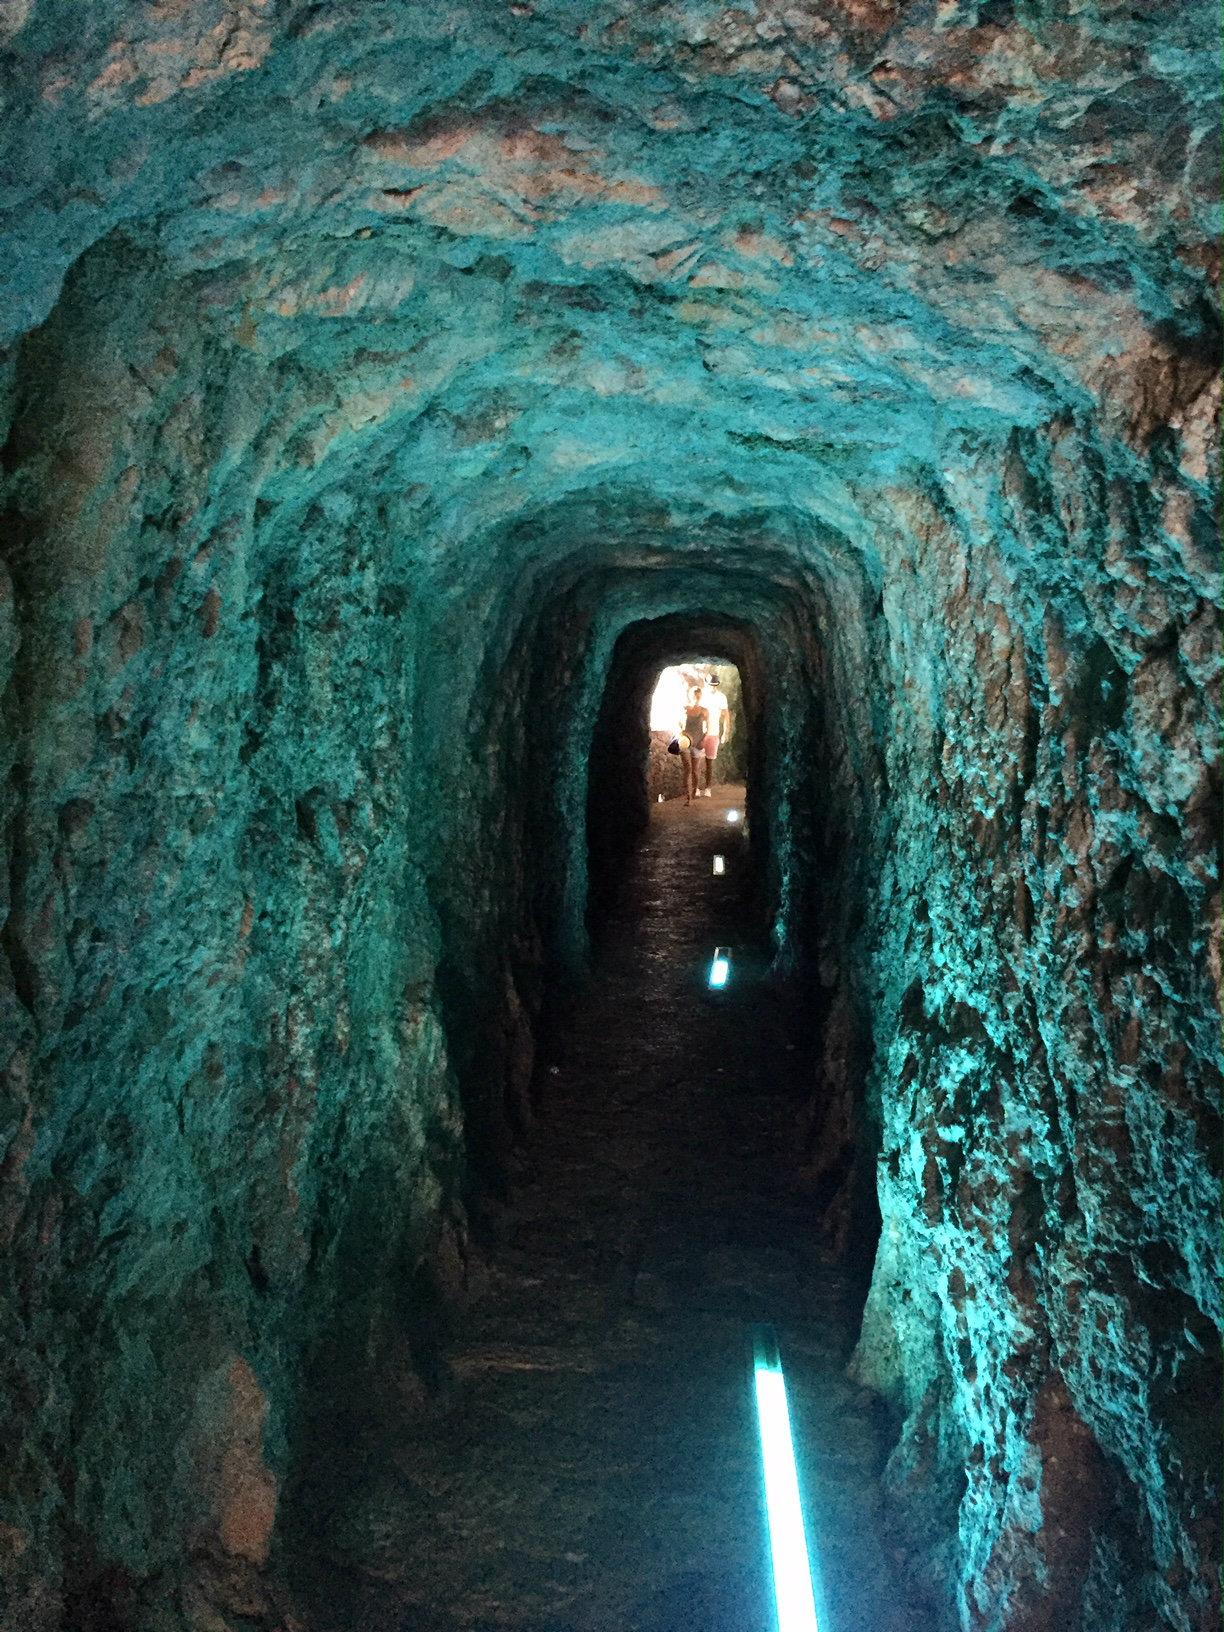 Tunnel to beach in Sa Calobra in Western Mallorca.